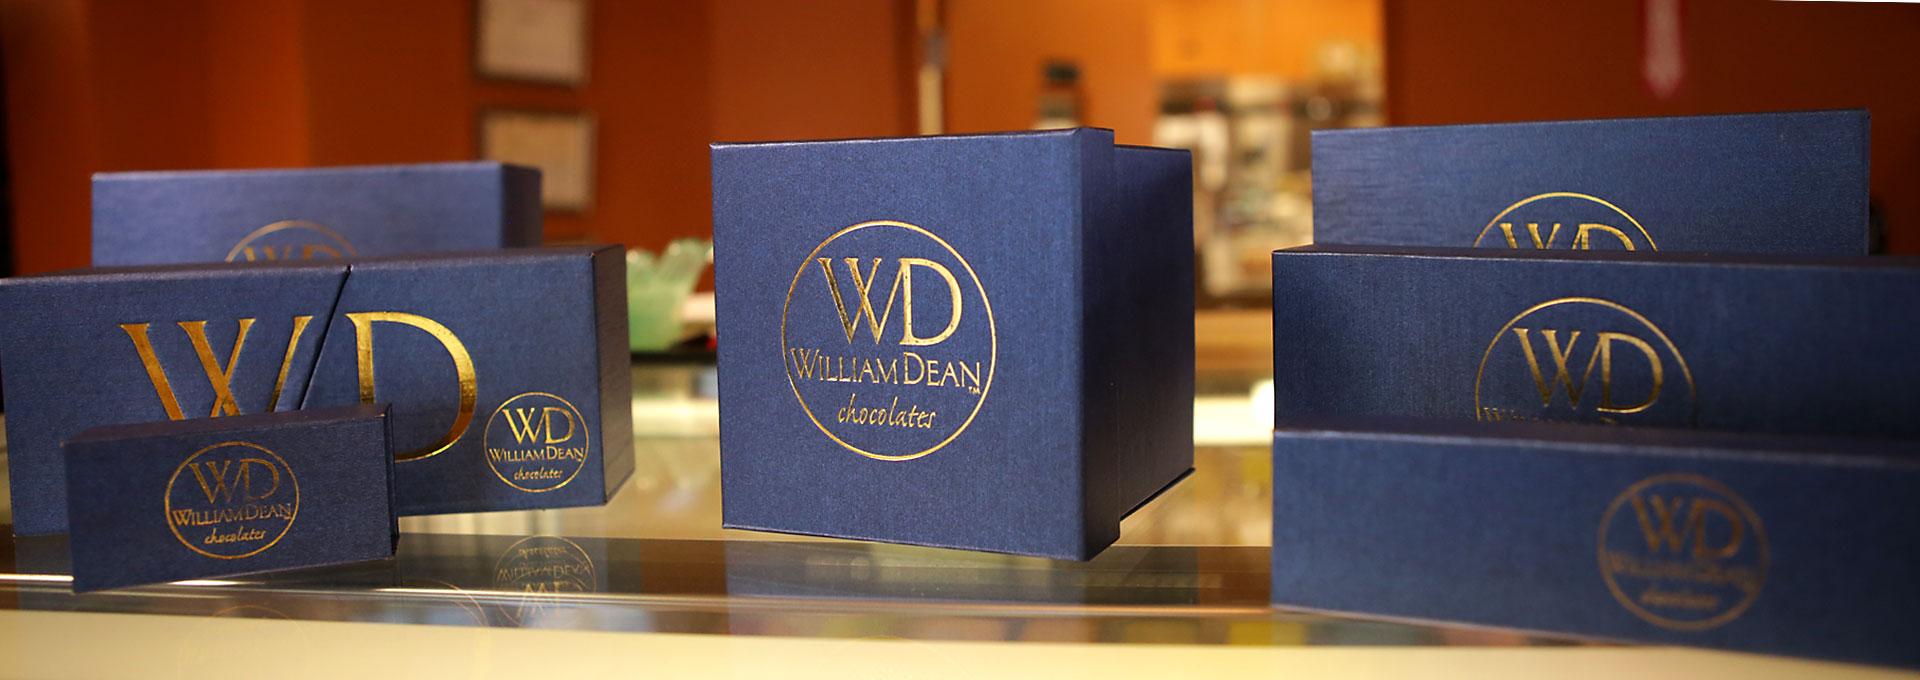 Weddings - William Dean Chocolates